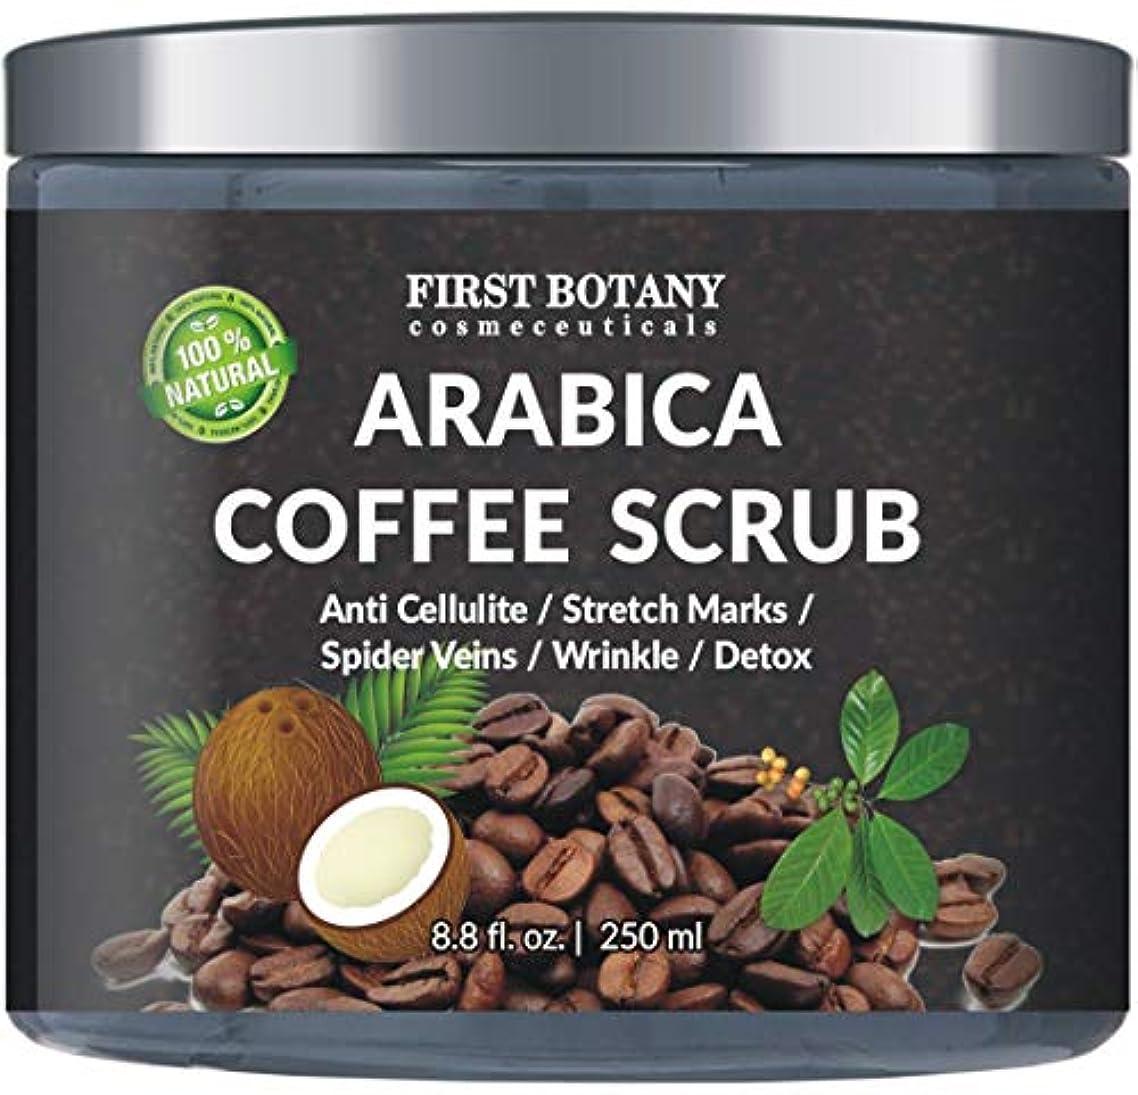 非難するリレー人100% ナチュラル アラビカ コーヒースクラブ with 有機コーヒー、ココナッツ、シアバター | ボディースクラブクリーム [海外直送品] (283グラム)